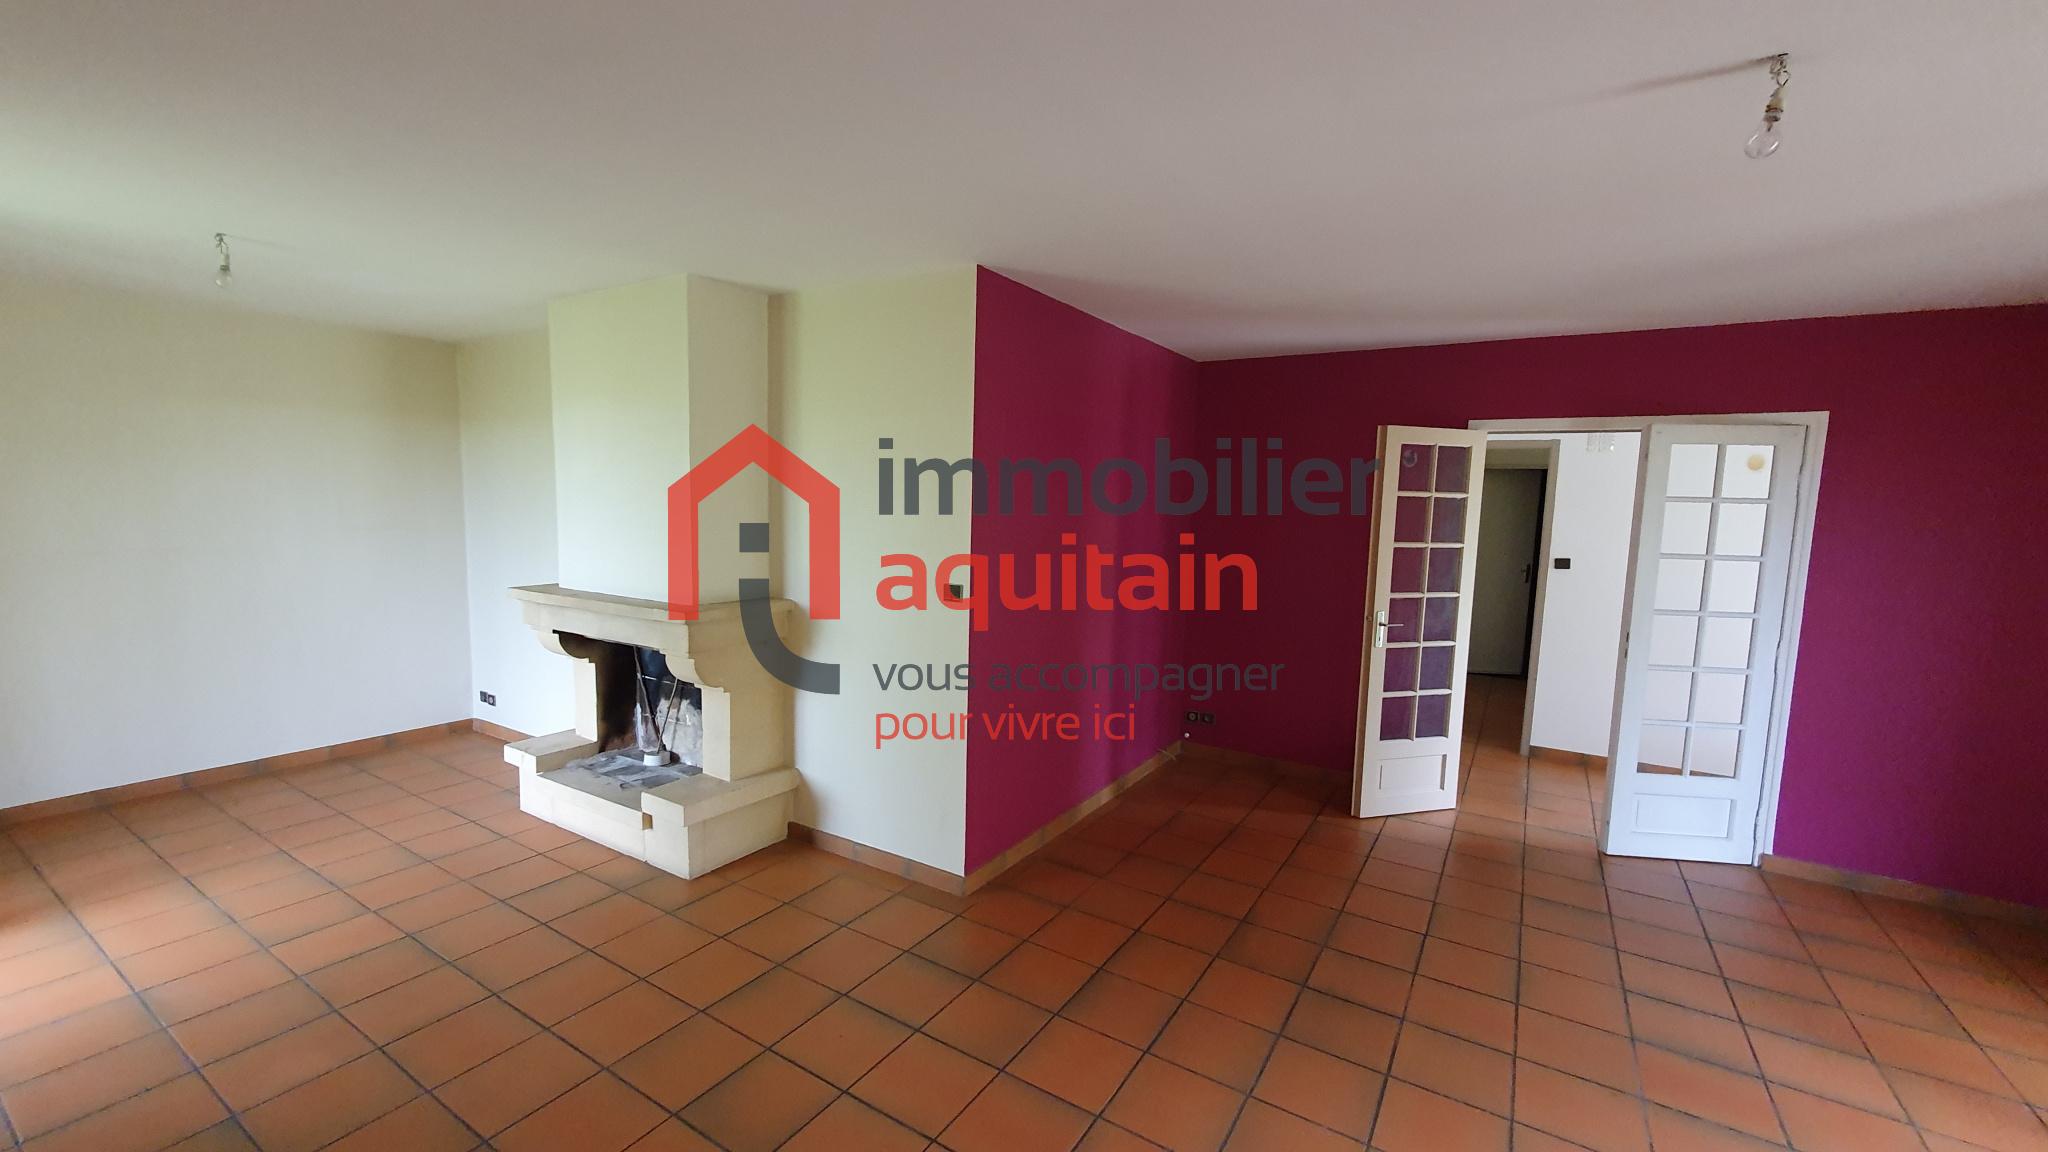 Maison  de plain-pied 3 chambres garage jardin 950 Libourne (33500)